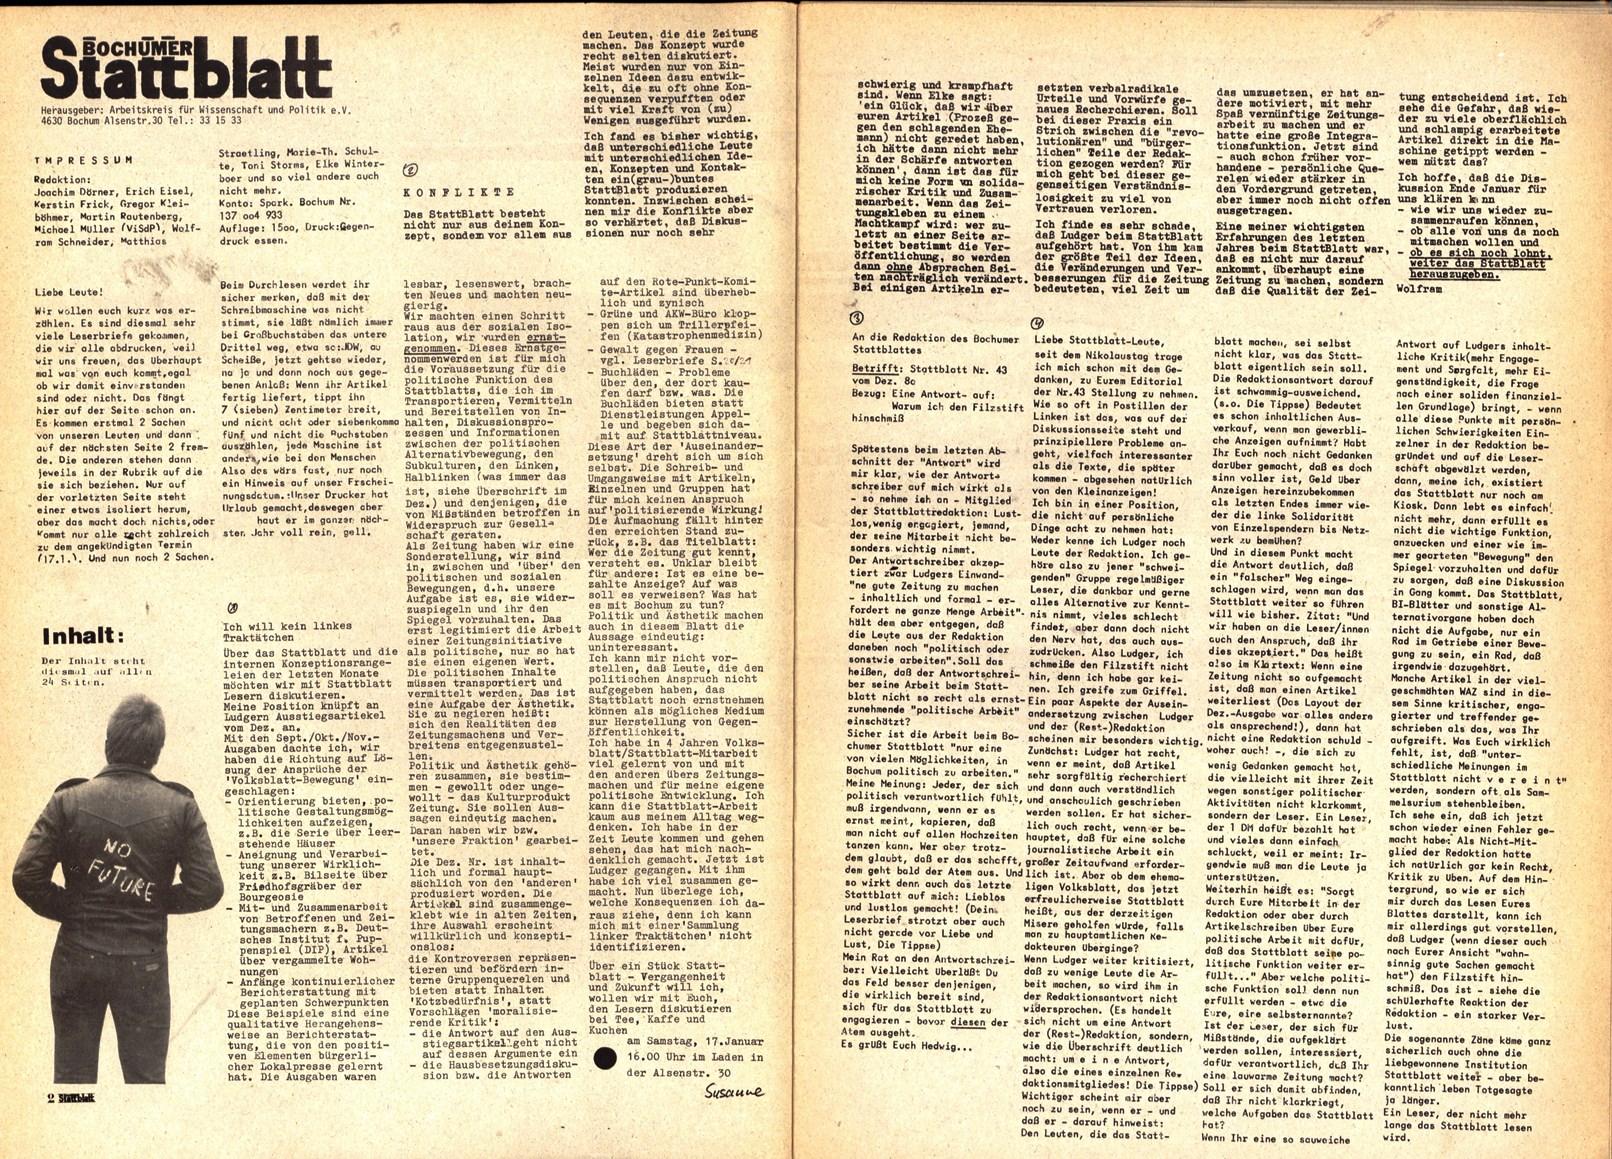 Bochum_Stattblatt_19810100_44_02